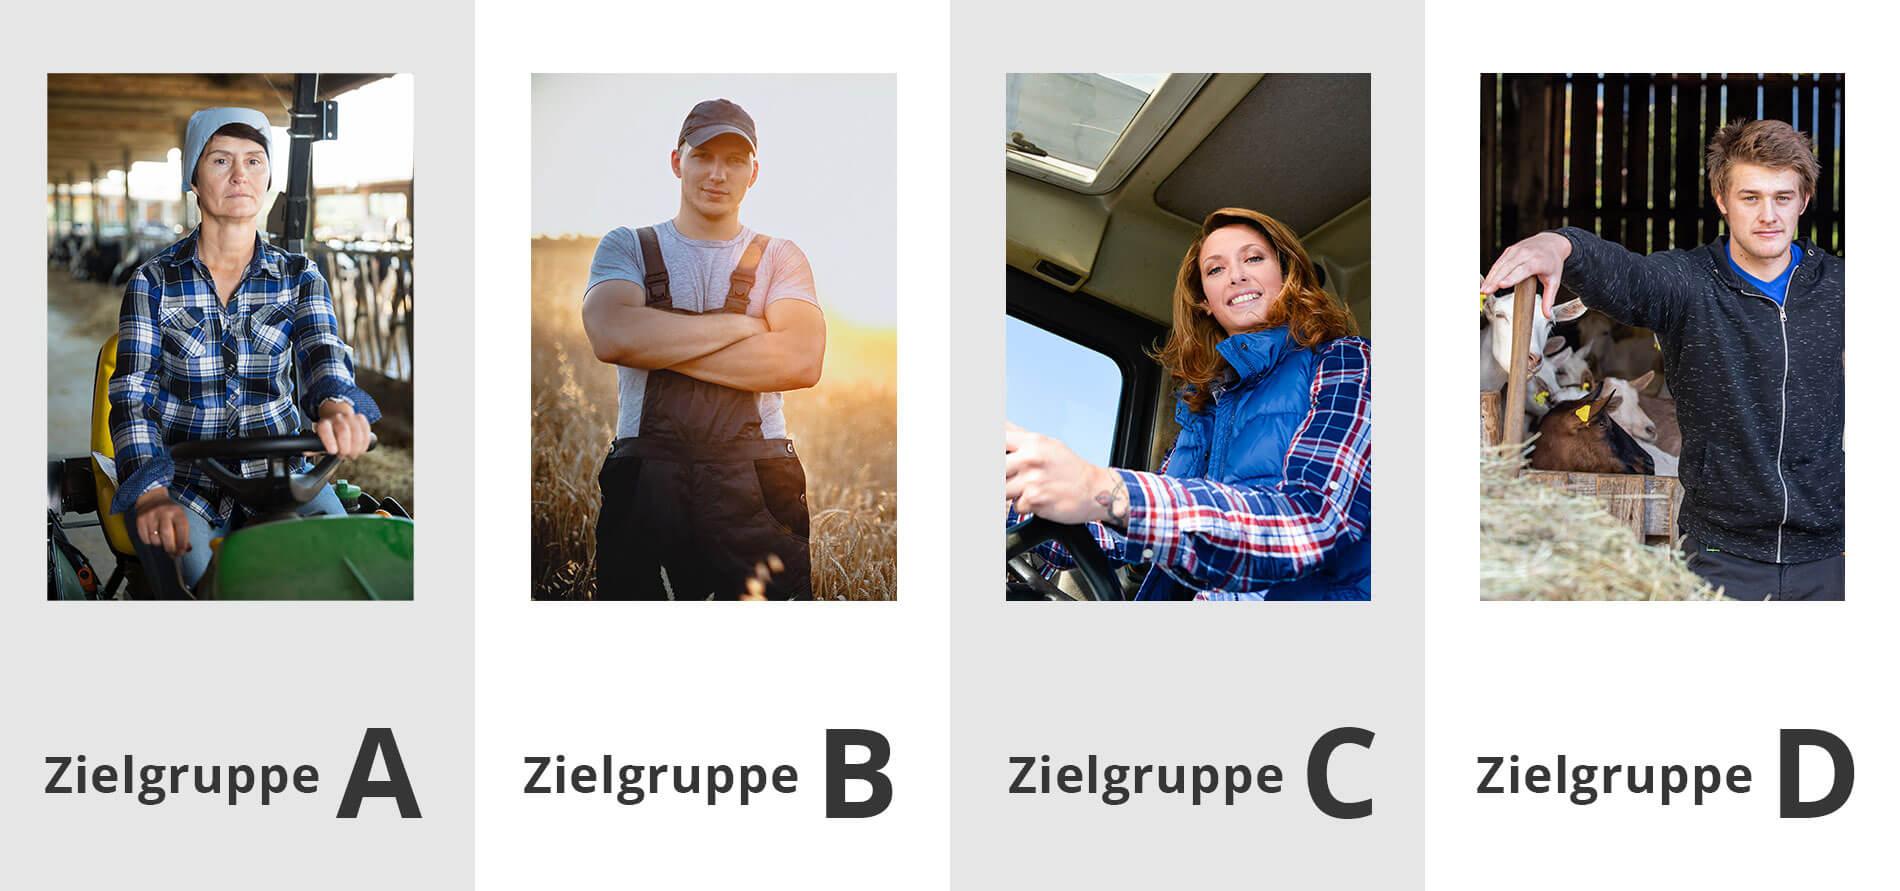 LK Zielgruppen